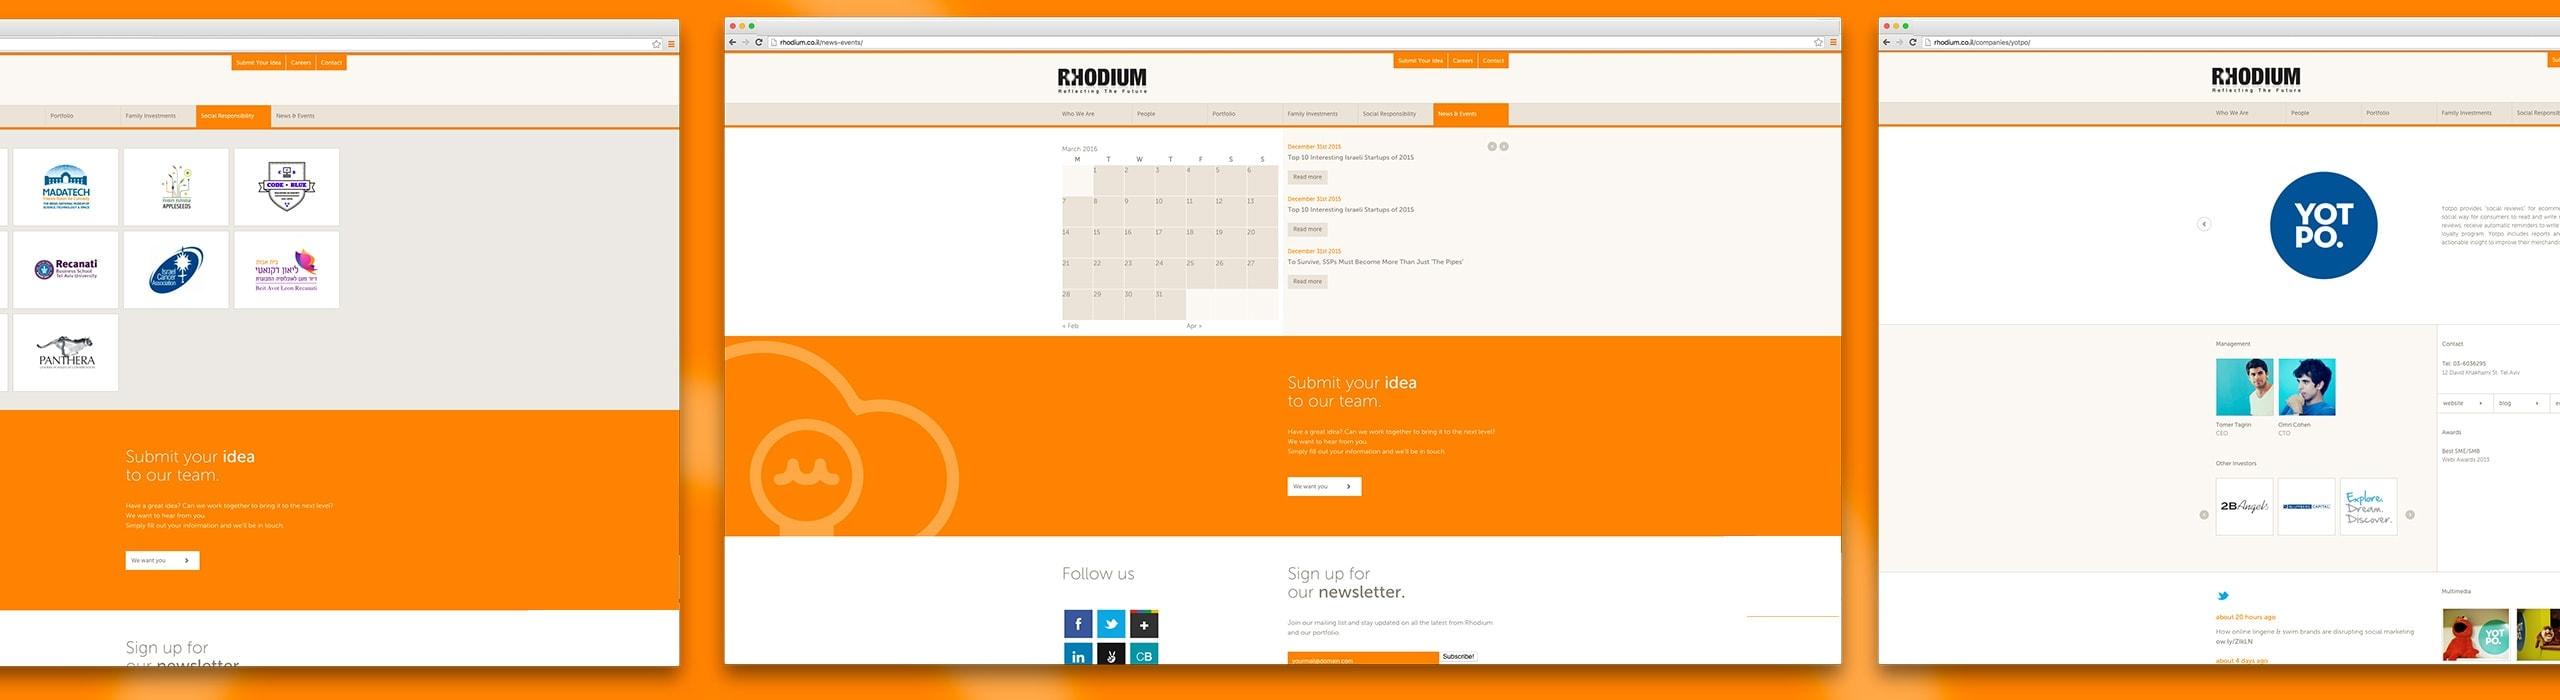 Rhodium - natie-rhodium-website-04 - Natie Branding Agency